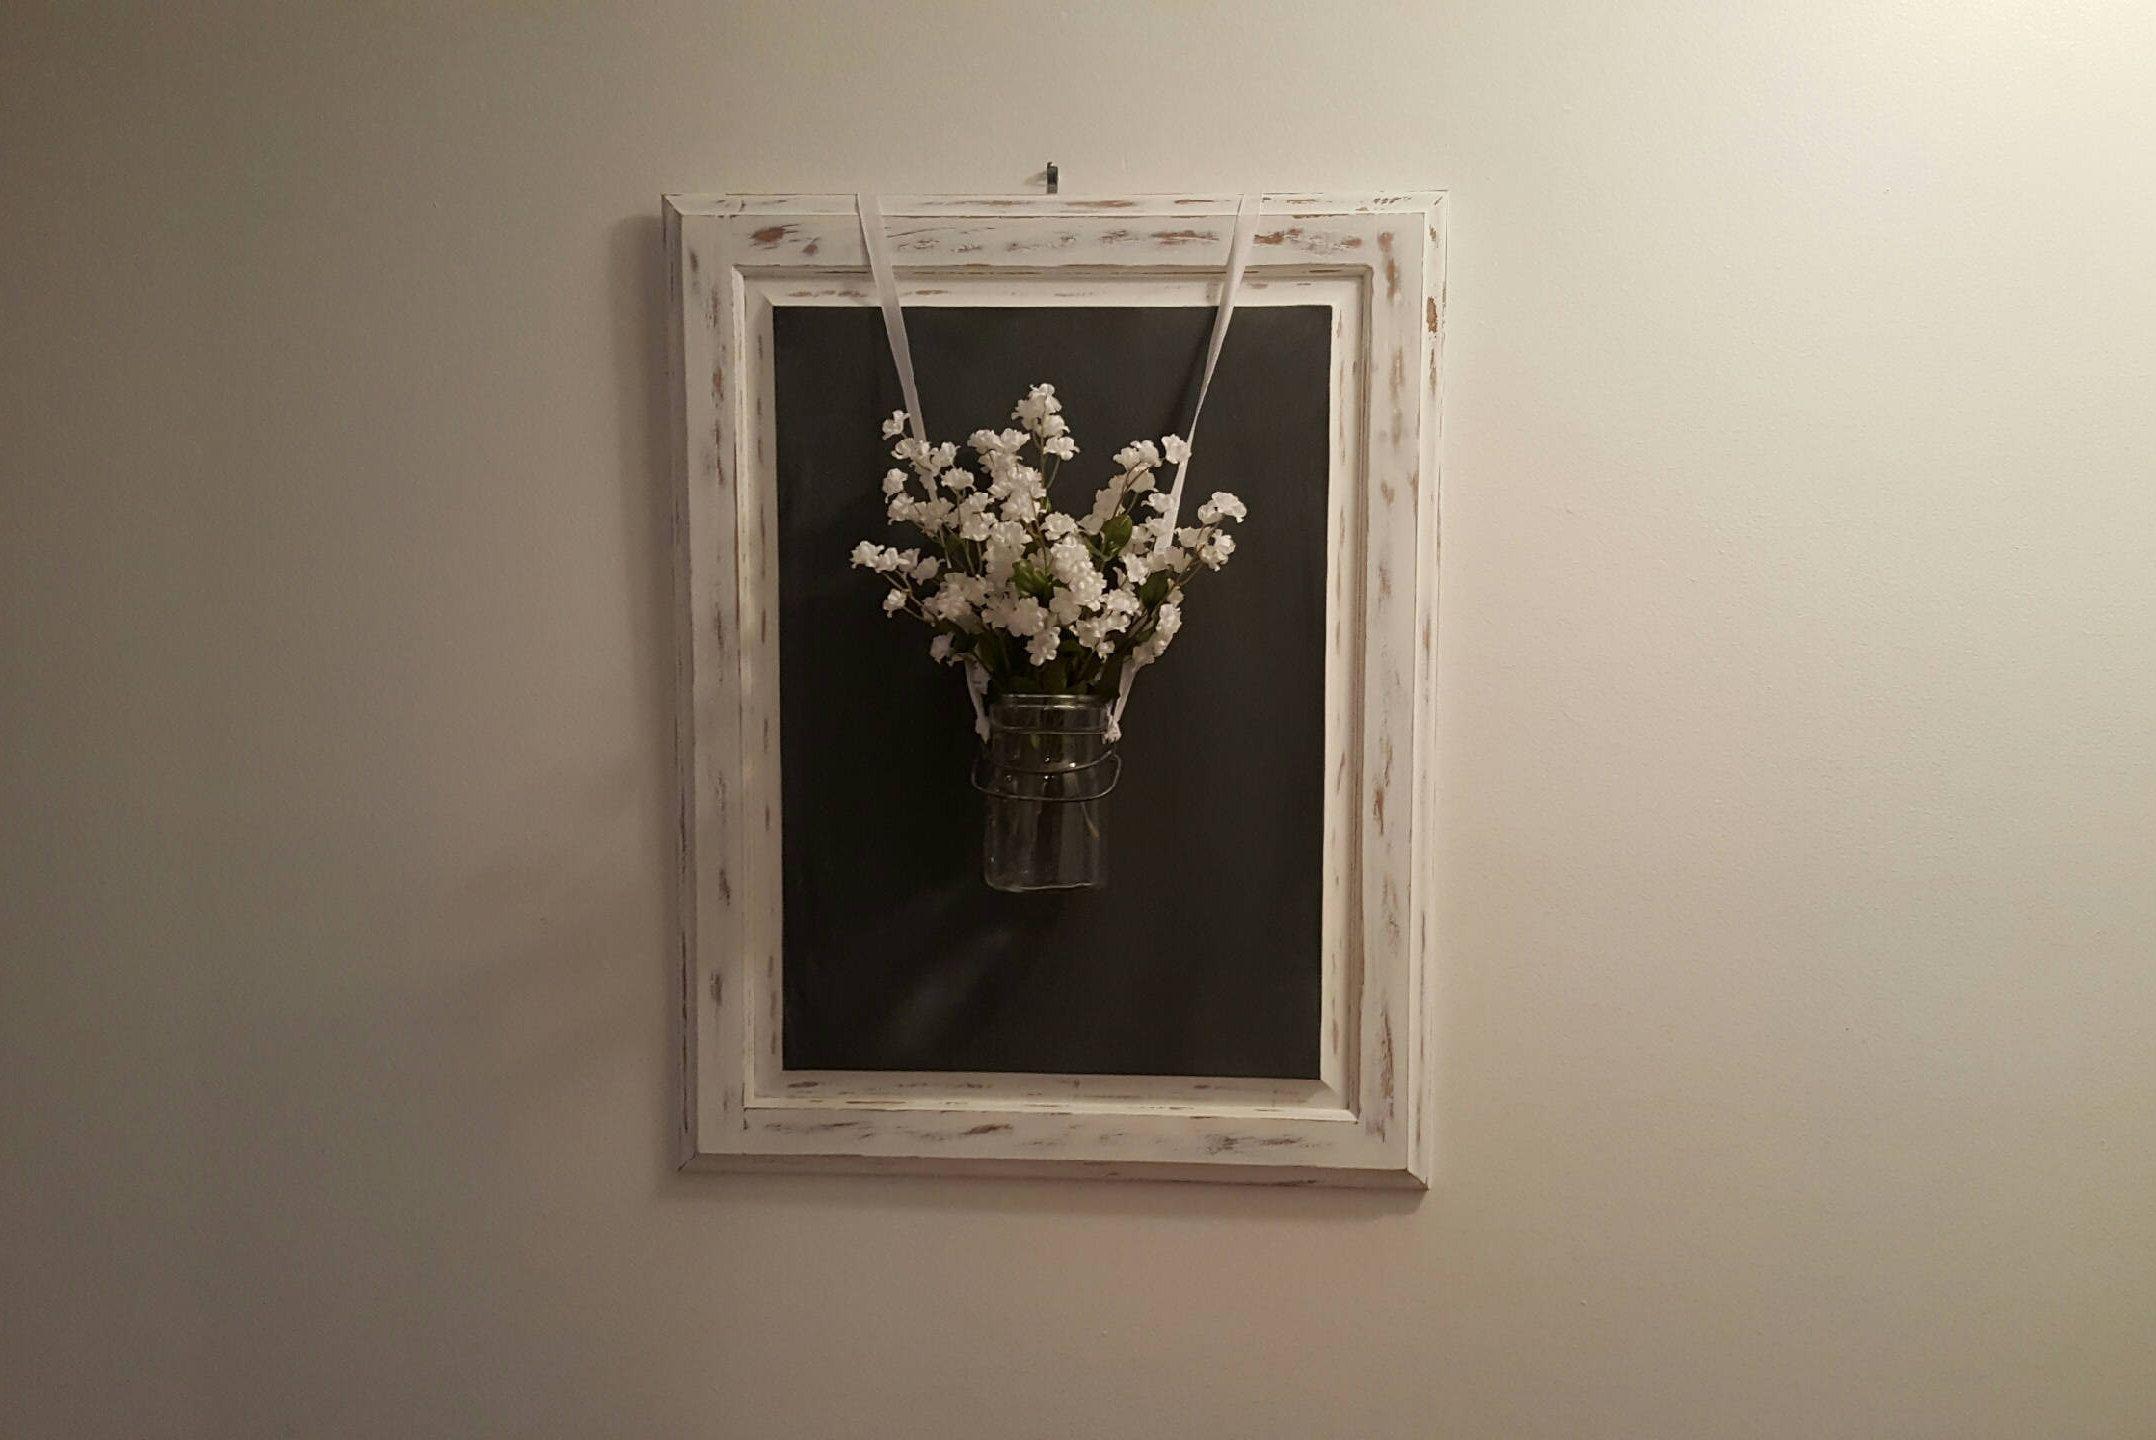 Flower Arrangement,Floral Arrangement,Bedroom Decor,Kitchen Decor,Entry Decor,Dining